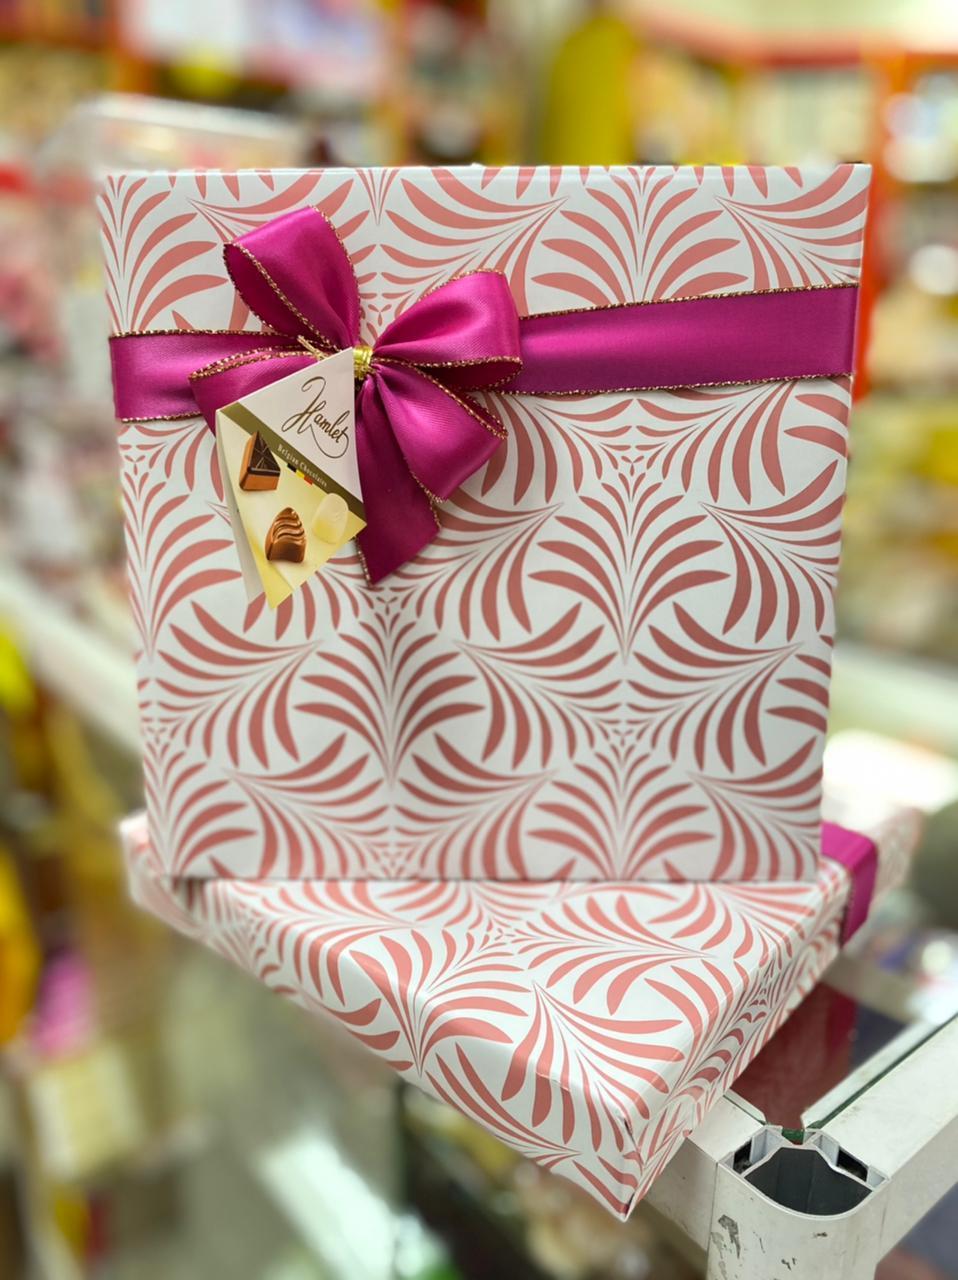 Подарочная коробка конфет шоколадные  в ассортименте вкусов (Бельгийский шоколад)